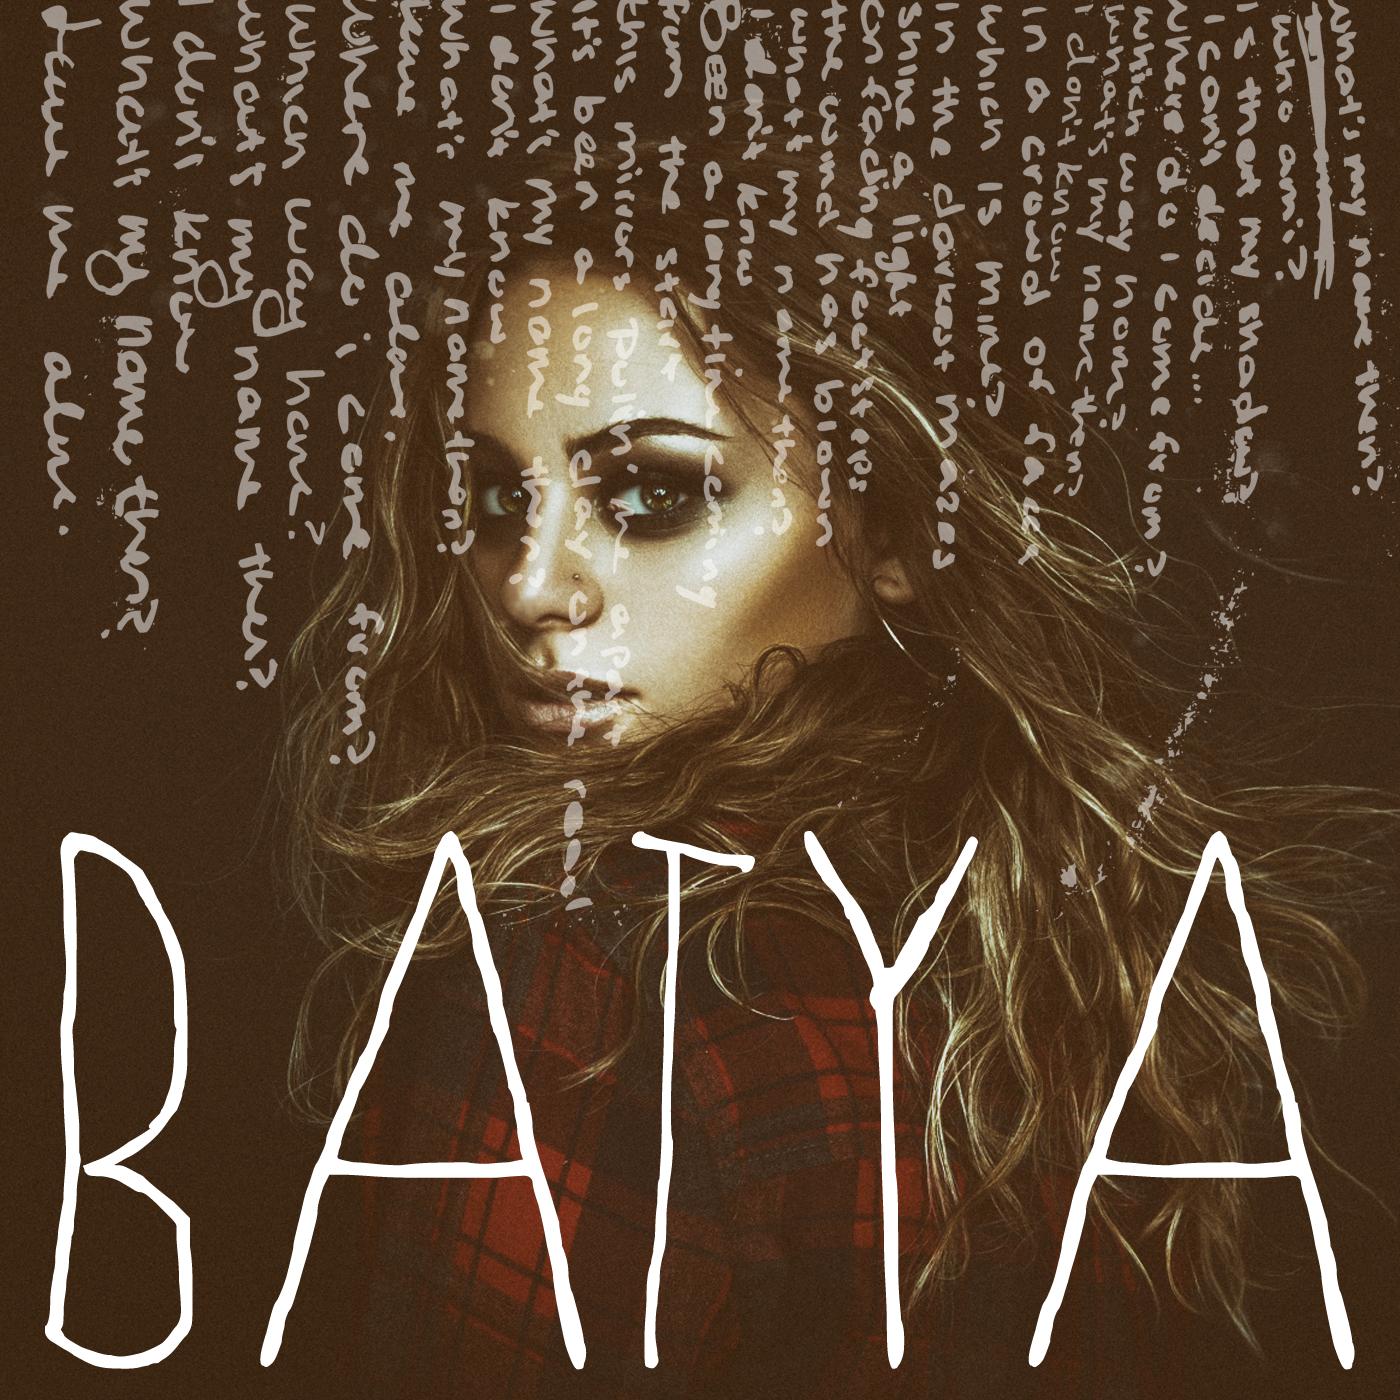 Batya_itunessingle3.png